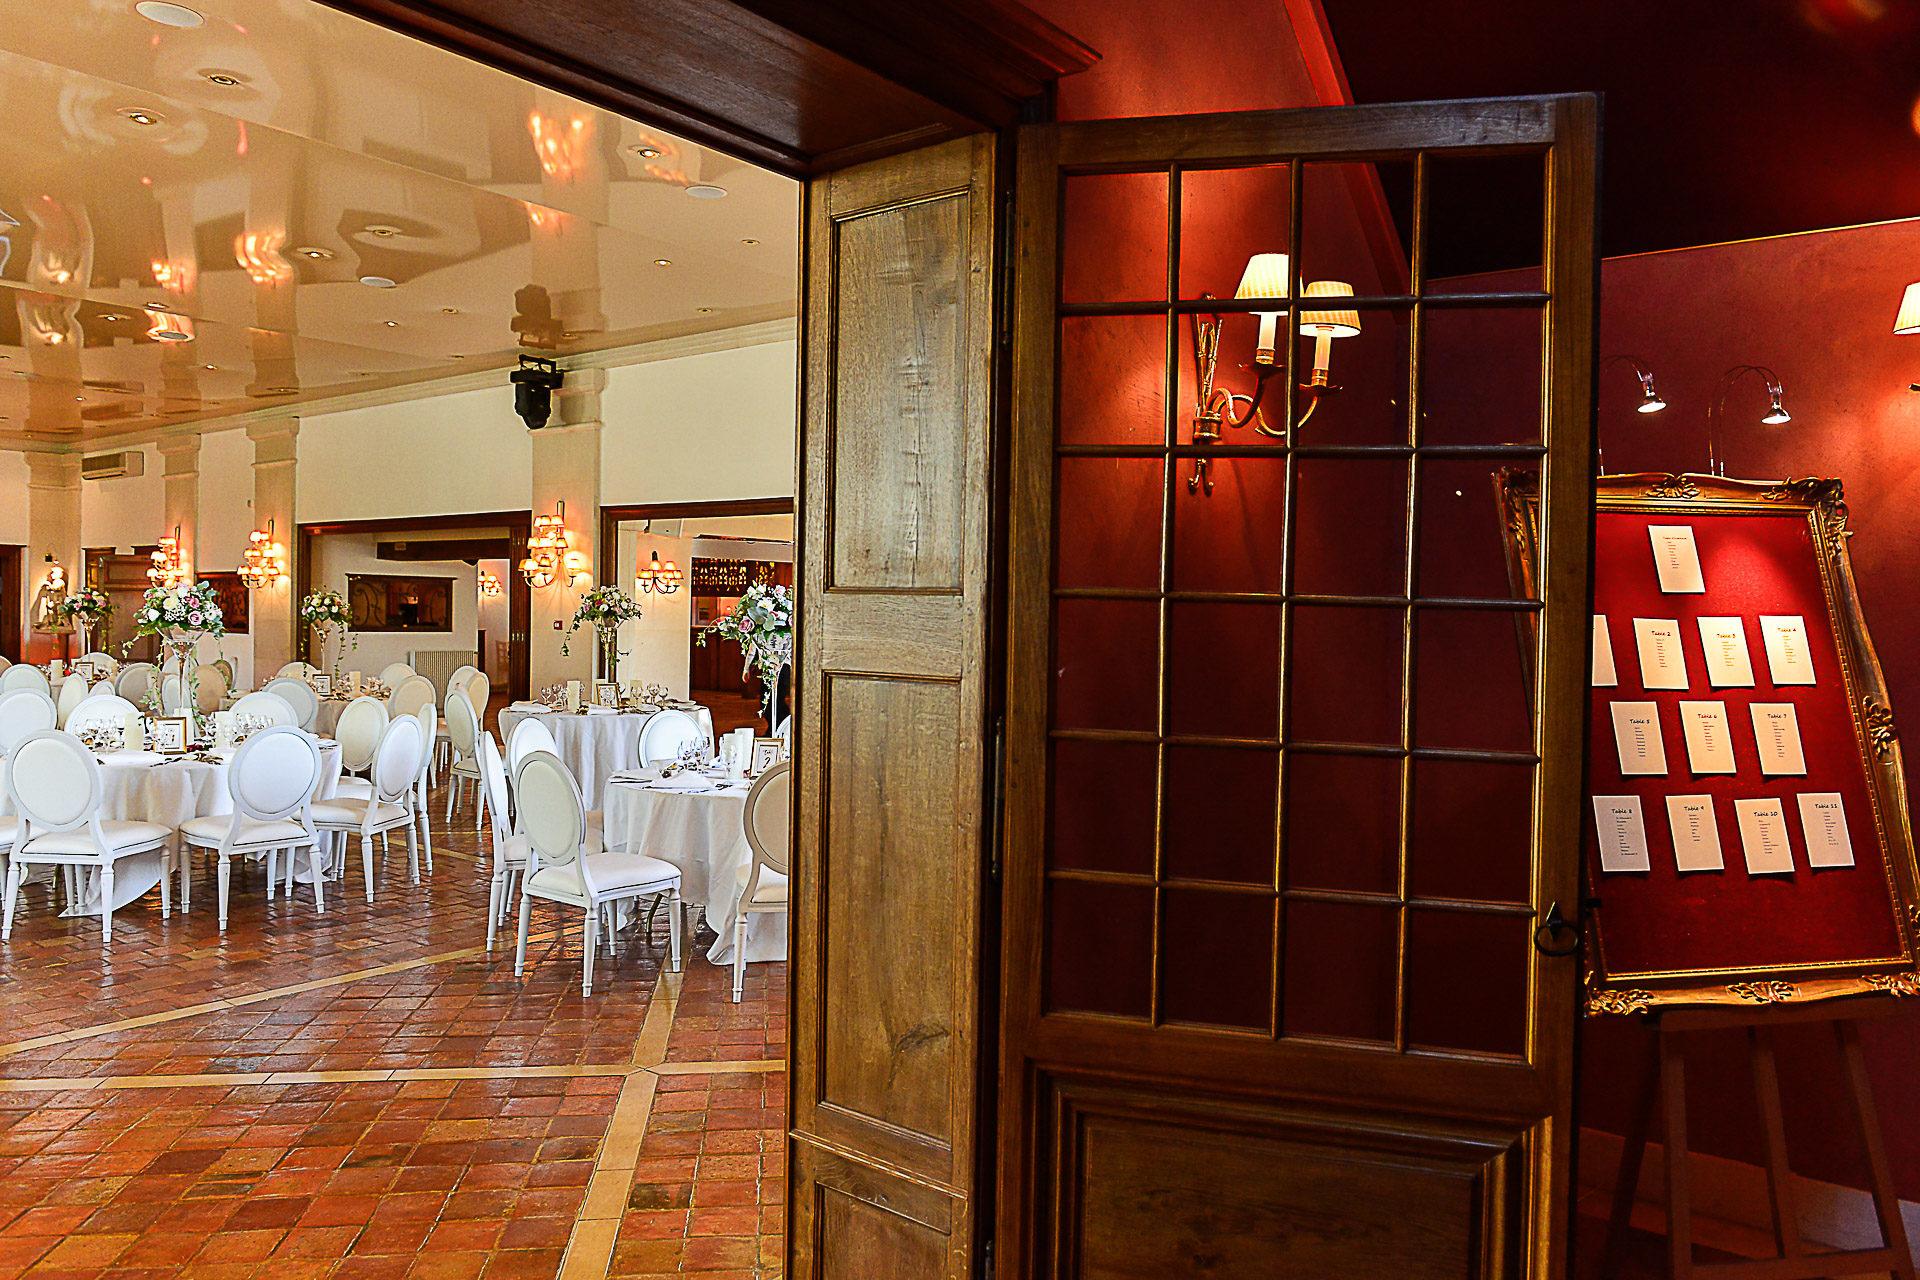 photographe-domaine-des-clos-vallees-mariage-plans-de-tables